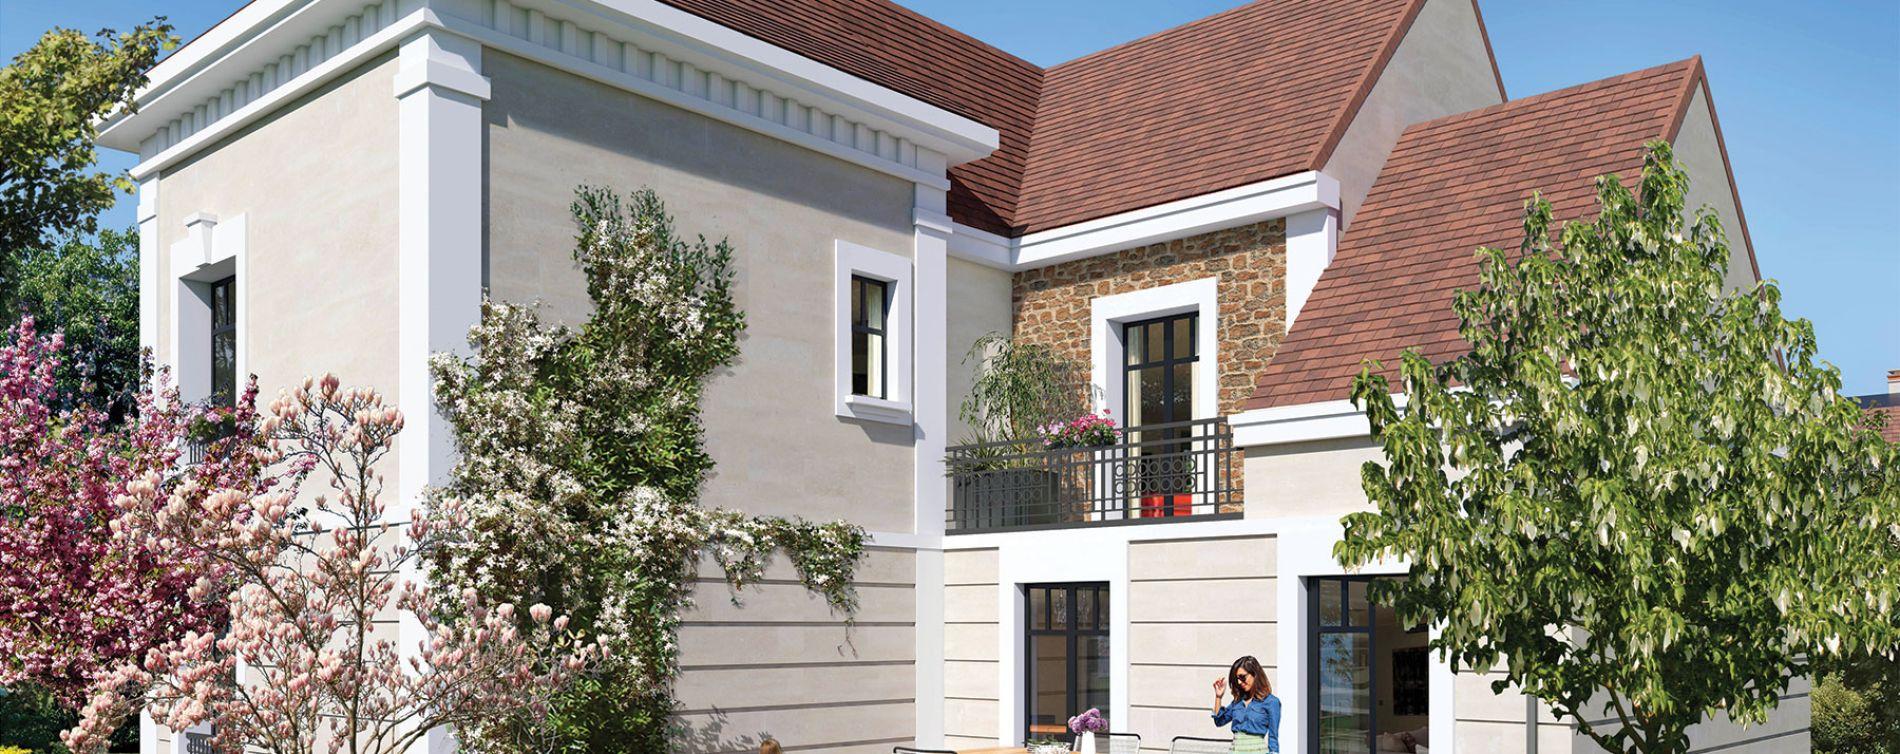 Résidence Place du Garde à Clamart